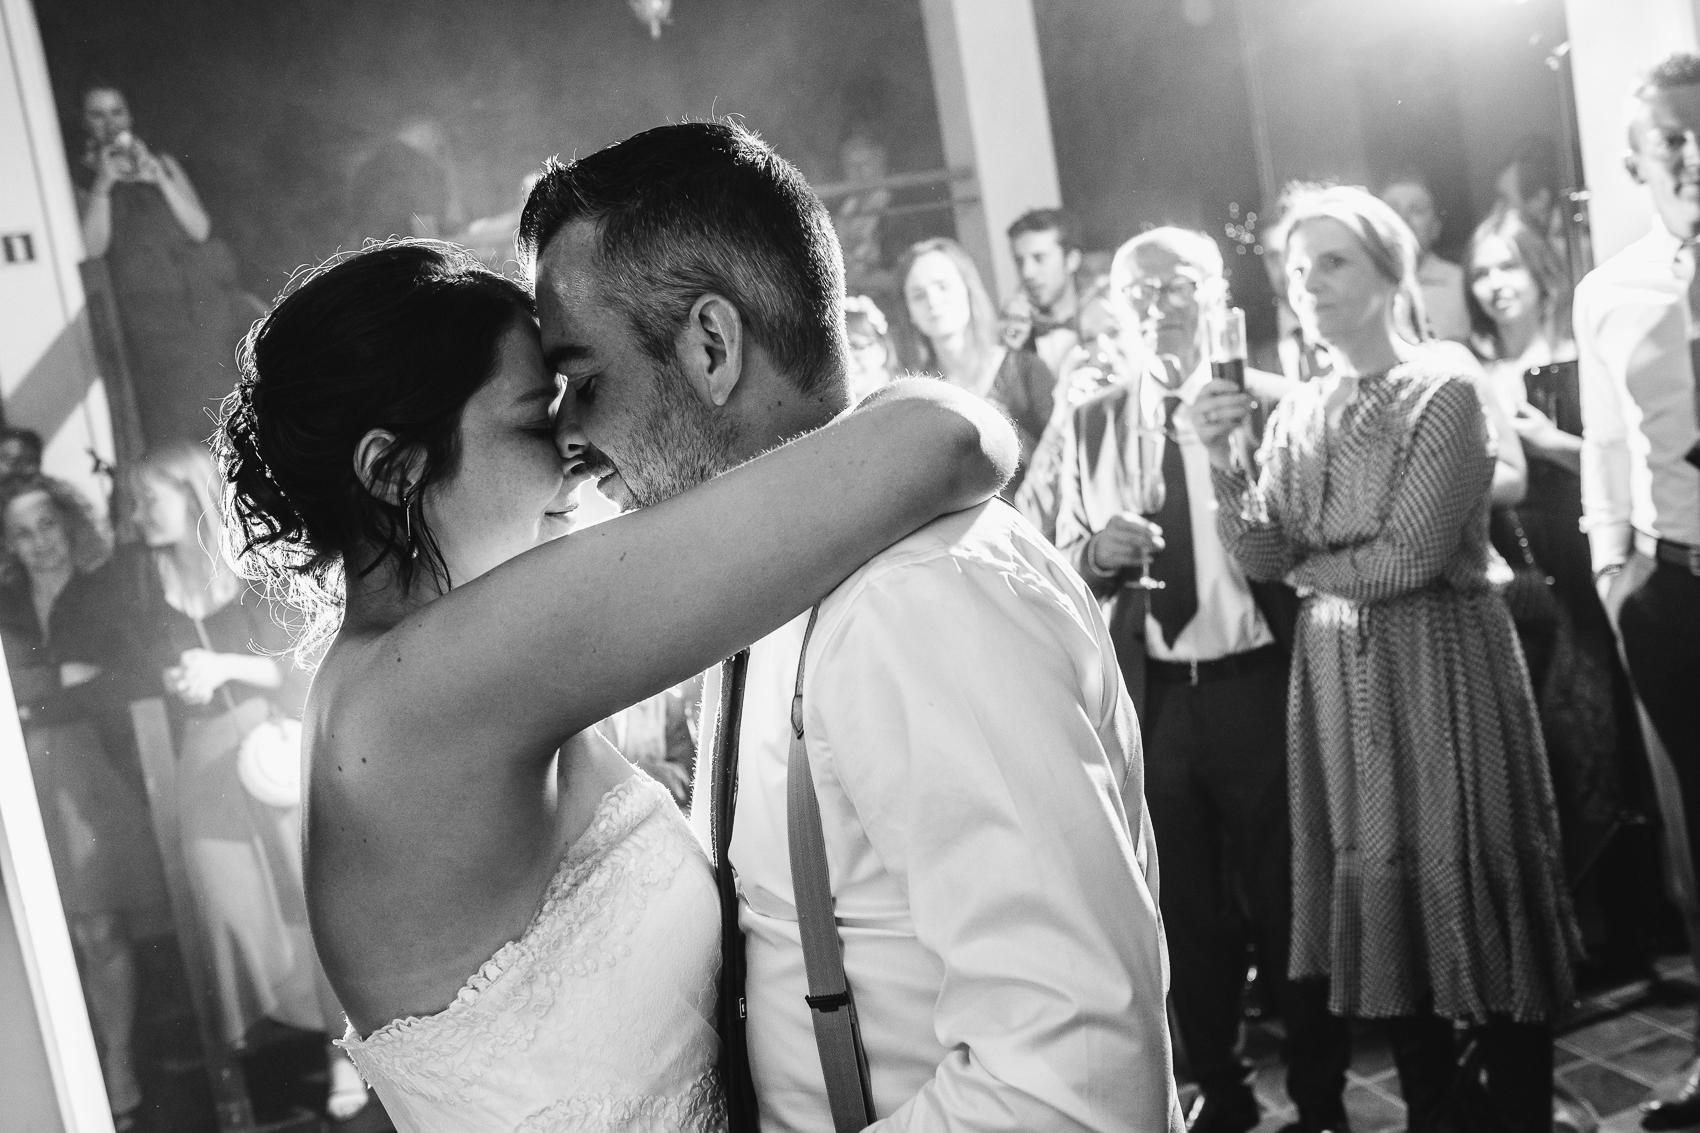 iso800 - huwelijksfotograaf katrien bart park west antwerpen-38.jpg